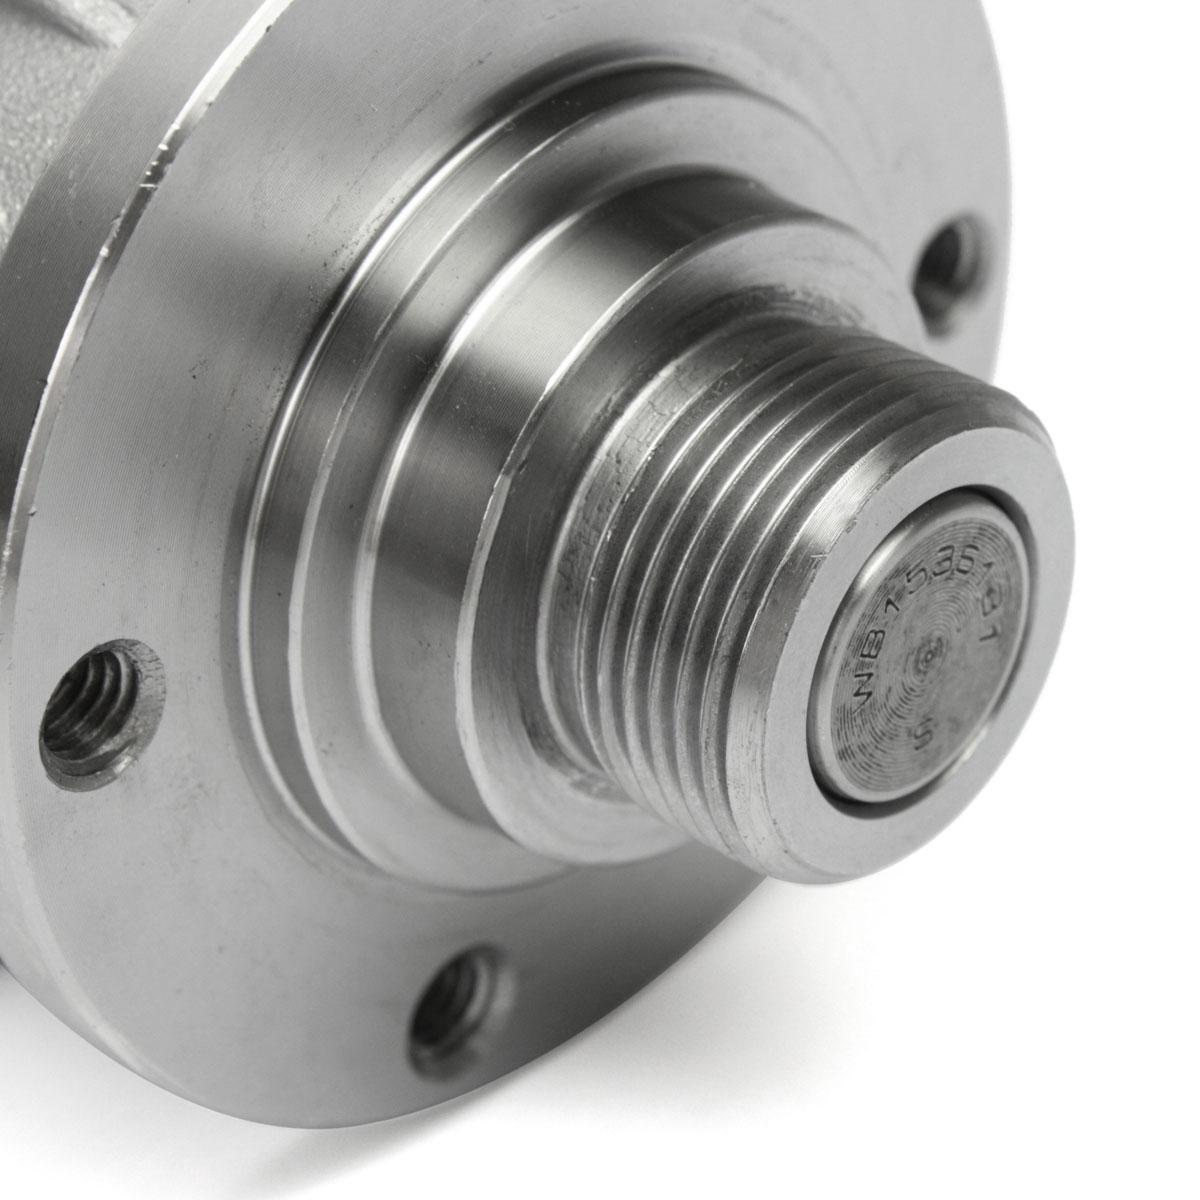 Water Pump Metal Impeller 11517527799 For BMW E39 E46 E36 E34 X5 X3 325 525 330 323i